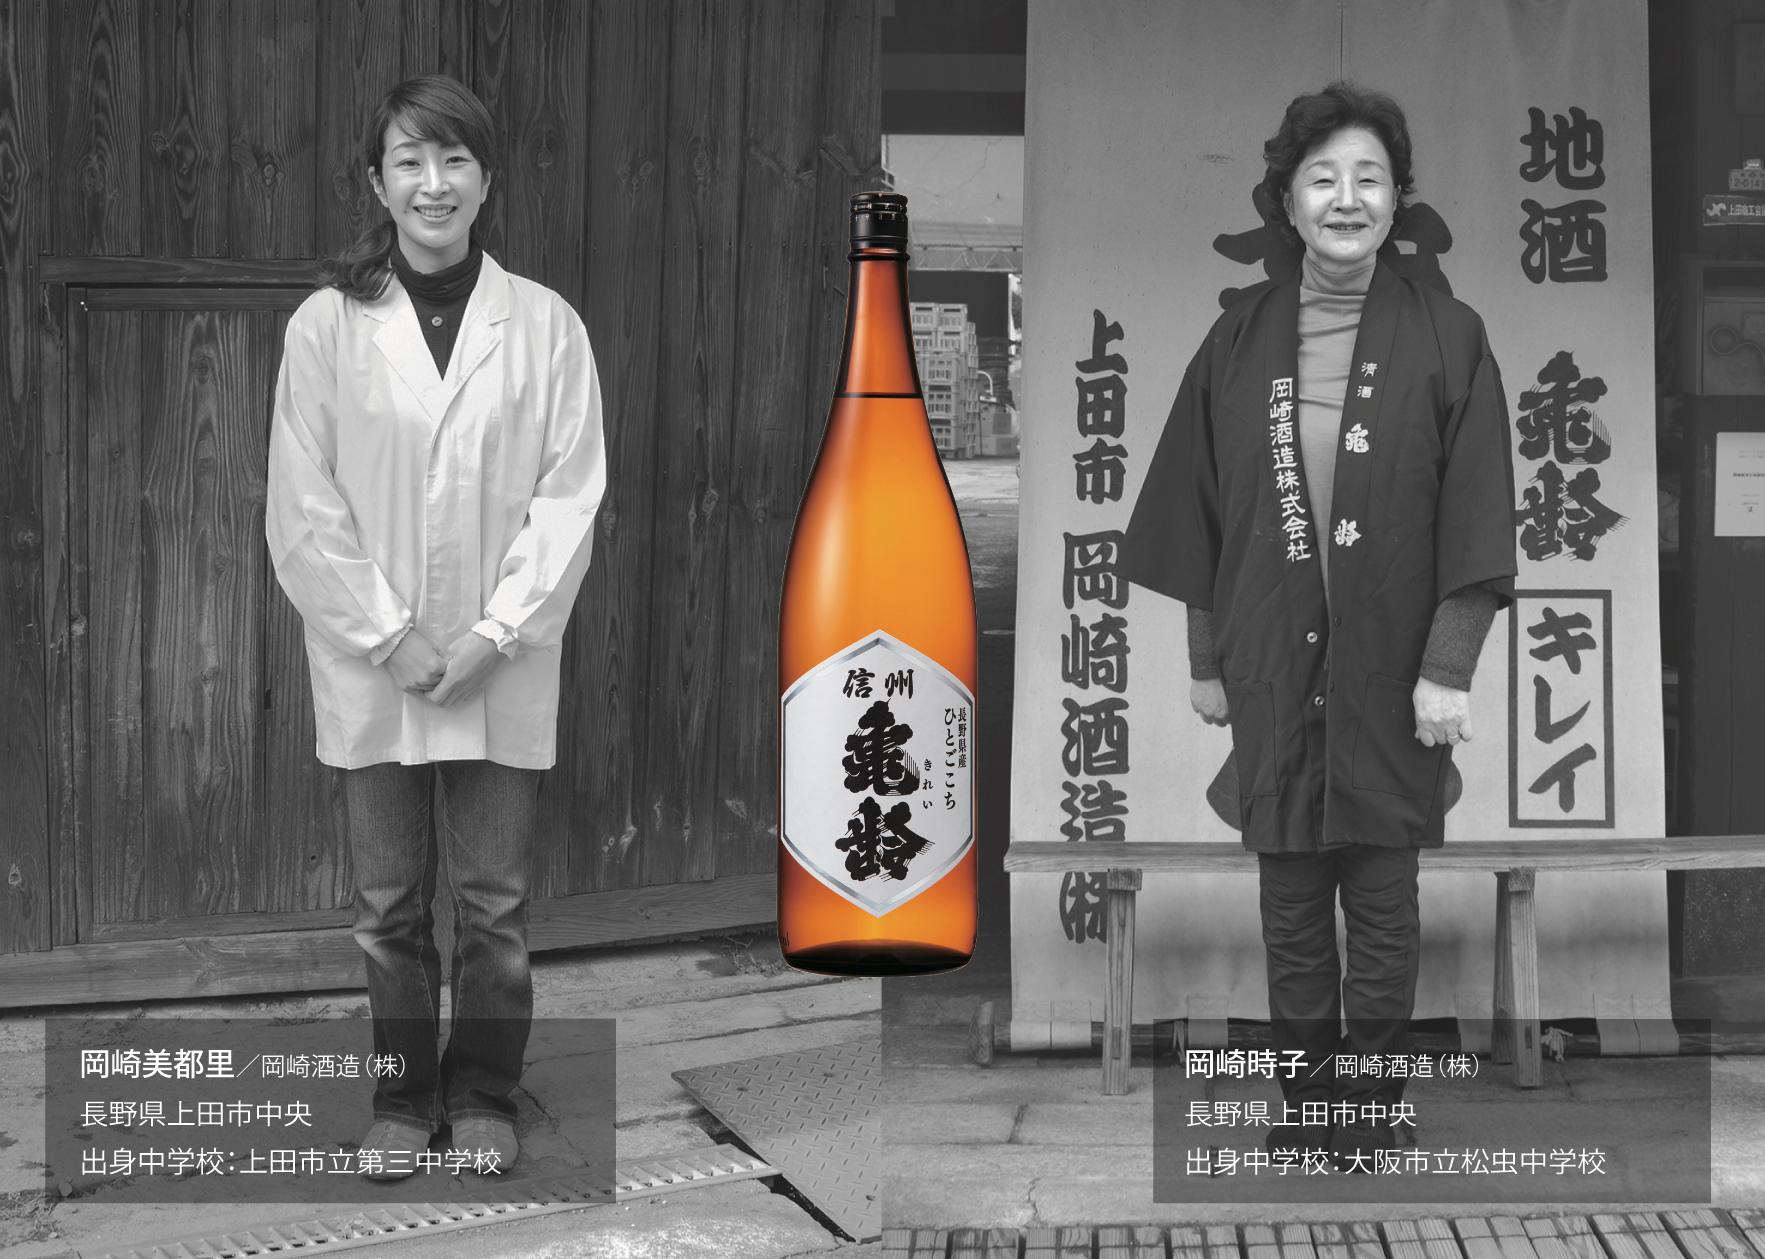 016-025上田市産品のカタログギフト